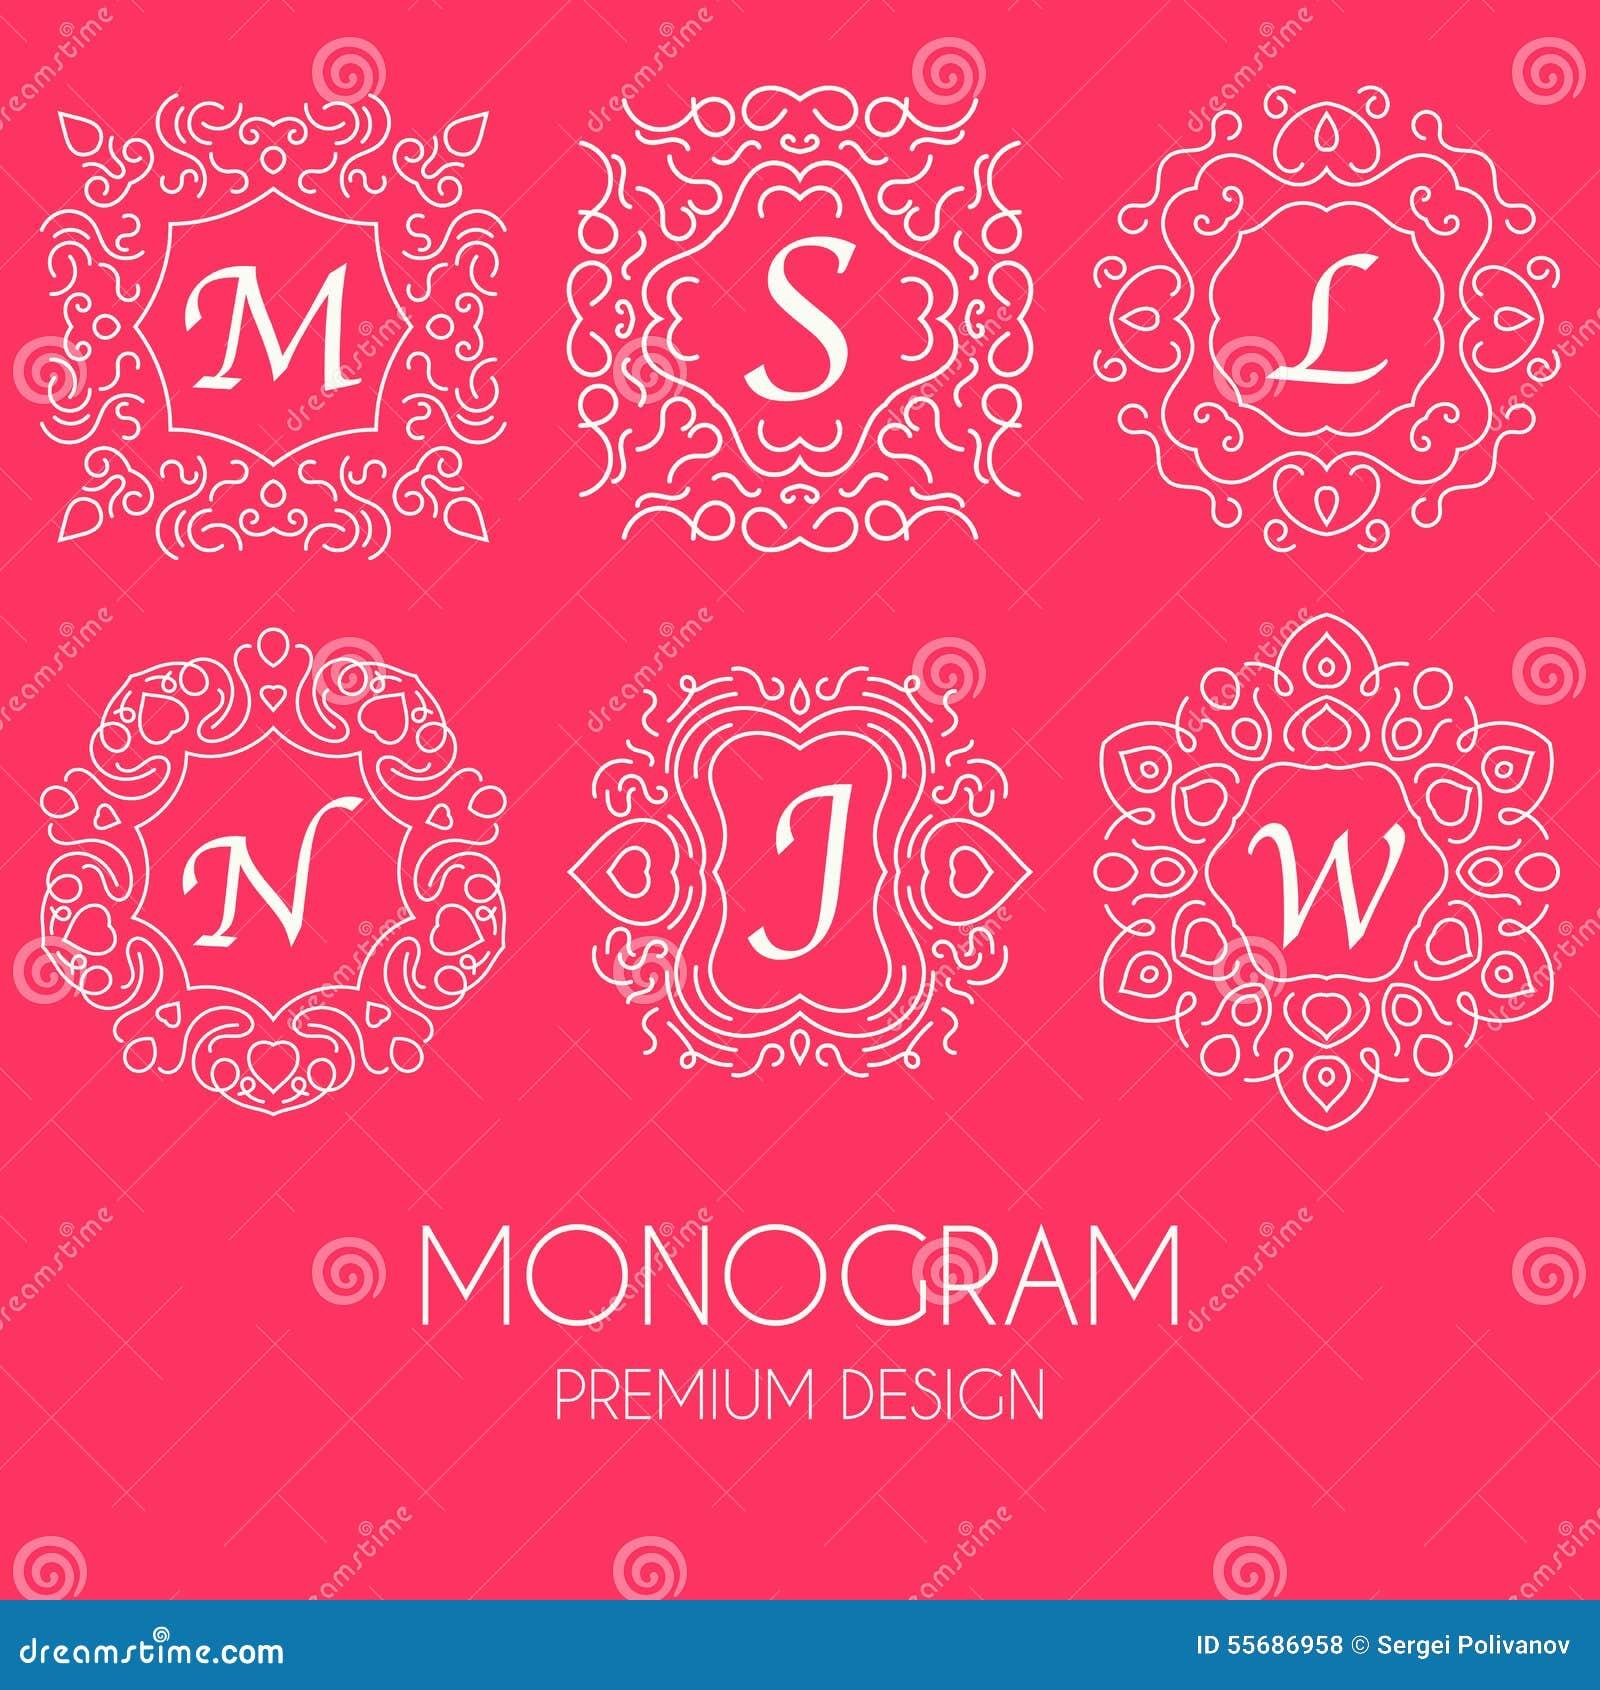 simple and graceful floral monogram design template  elegant line art logo design  vector